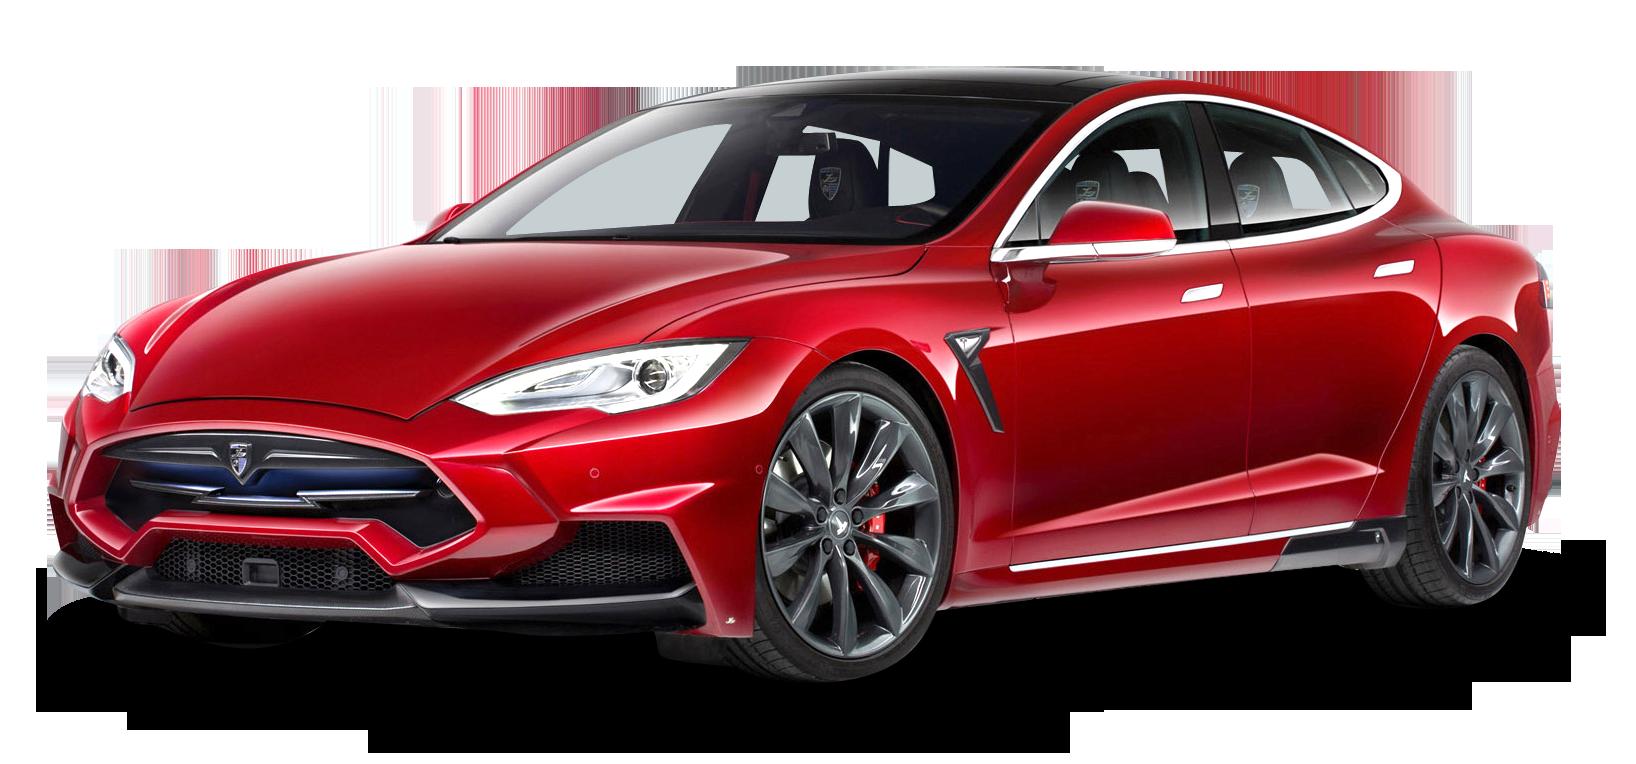 Tesla Model S Red Car